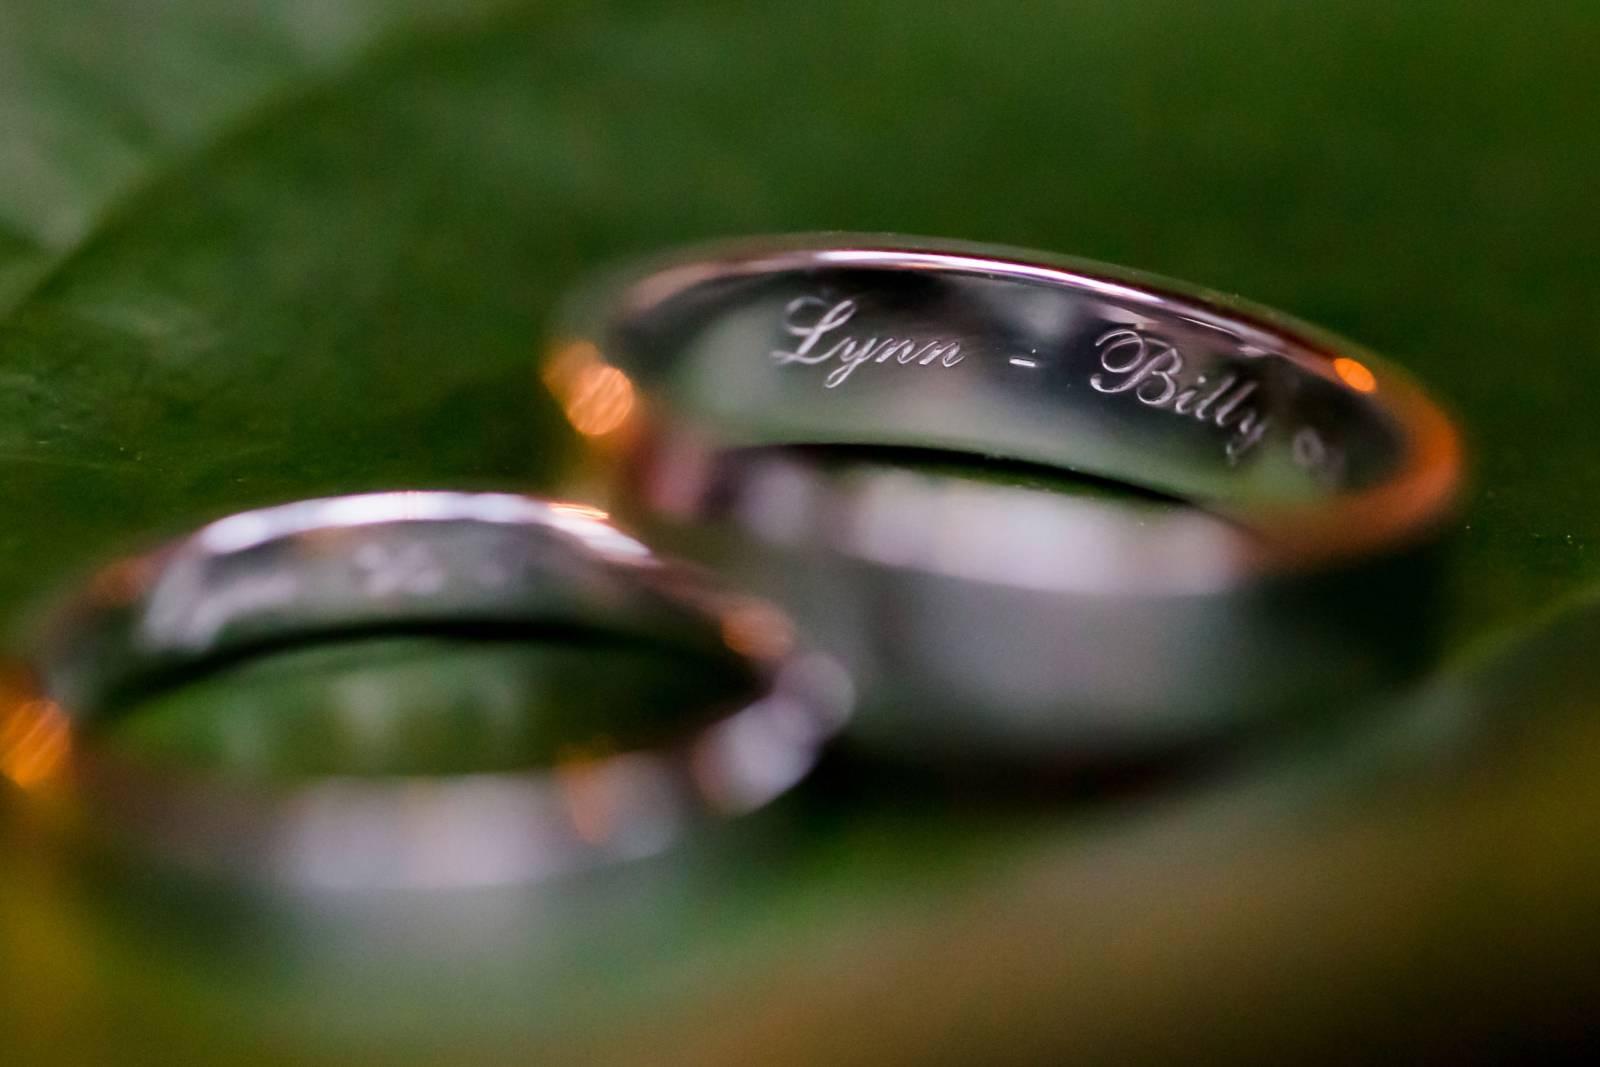 Leyla Hasna - Photography - House of Weddings - 29